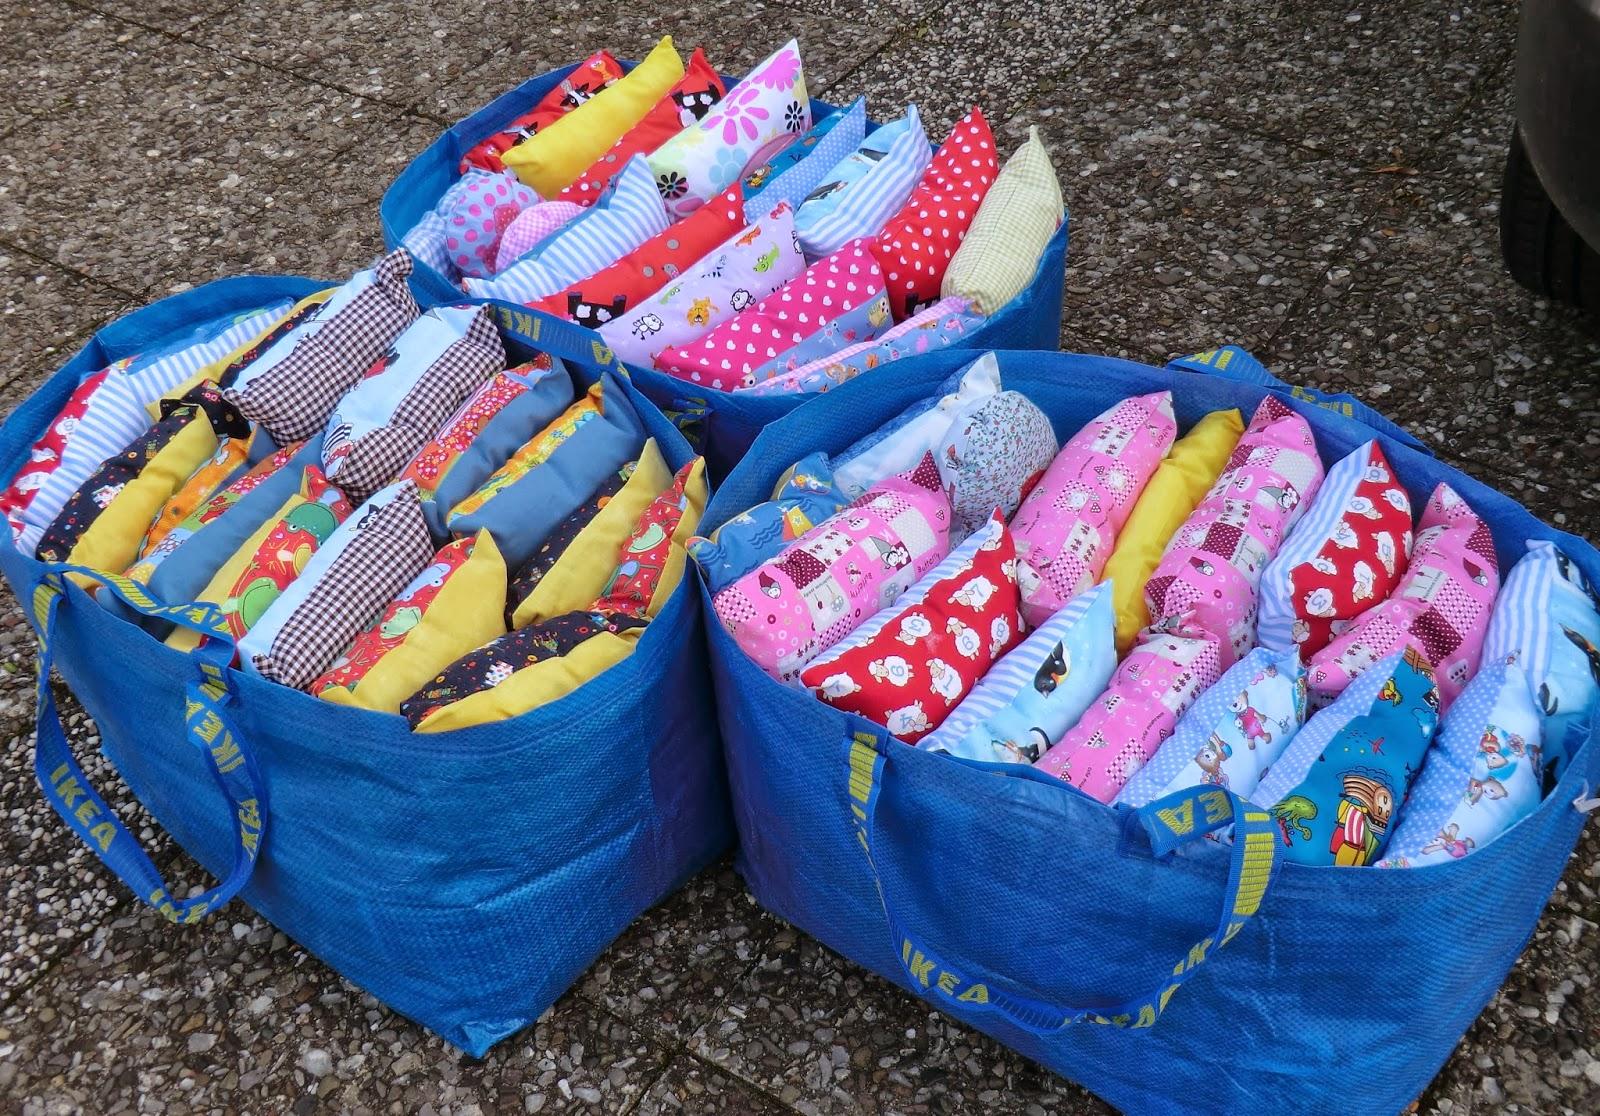 Große Kissen Ikea initiative trösterkissen für kinder 90 kissen für kranke kinder